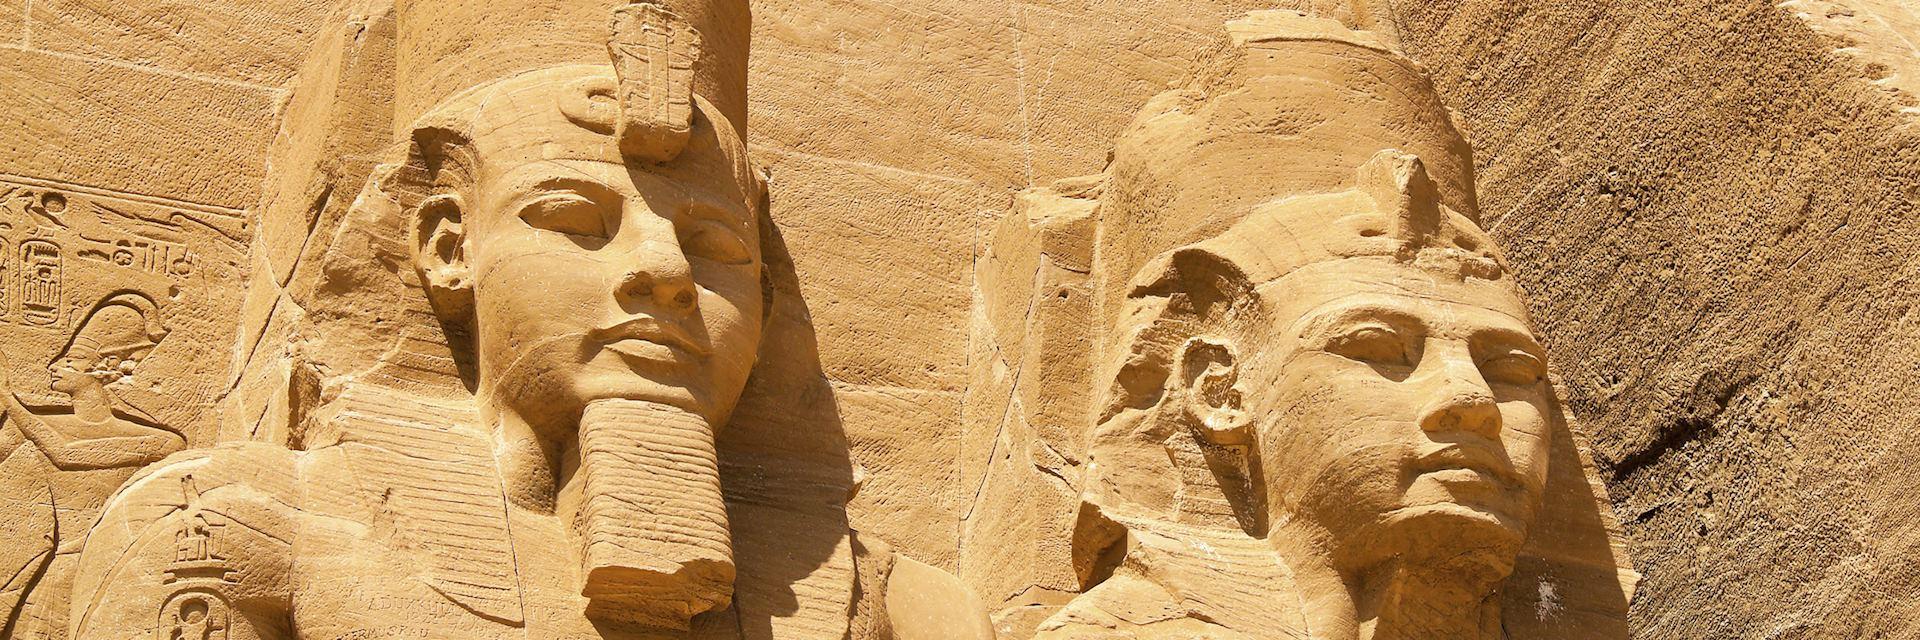 The rock temple at Abu Simbel